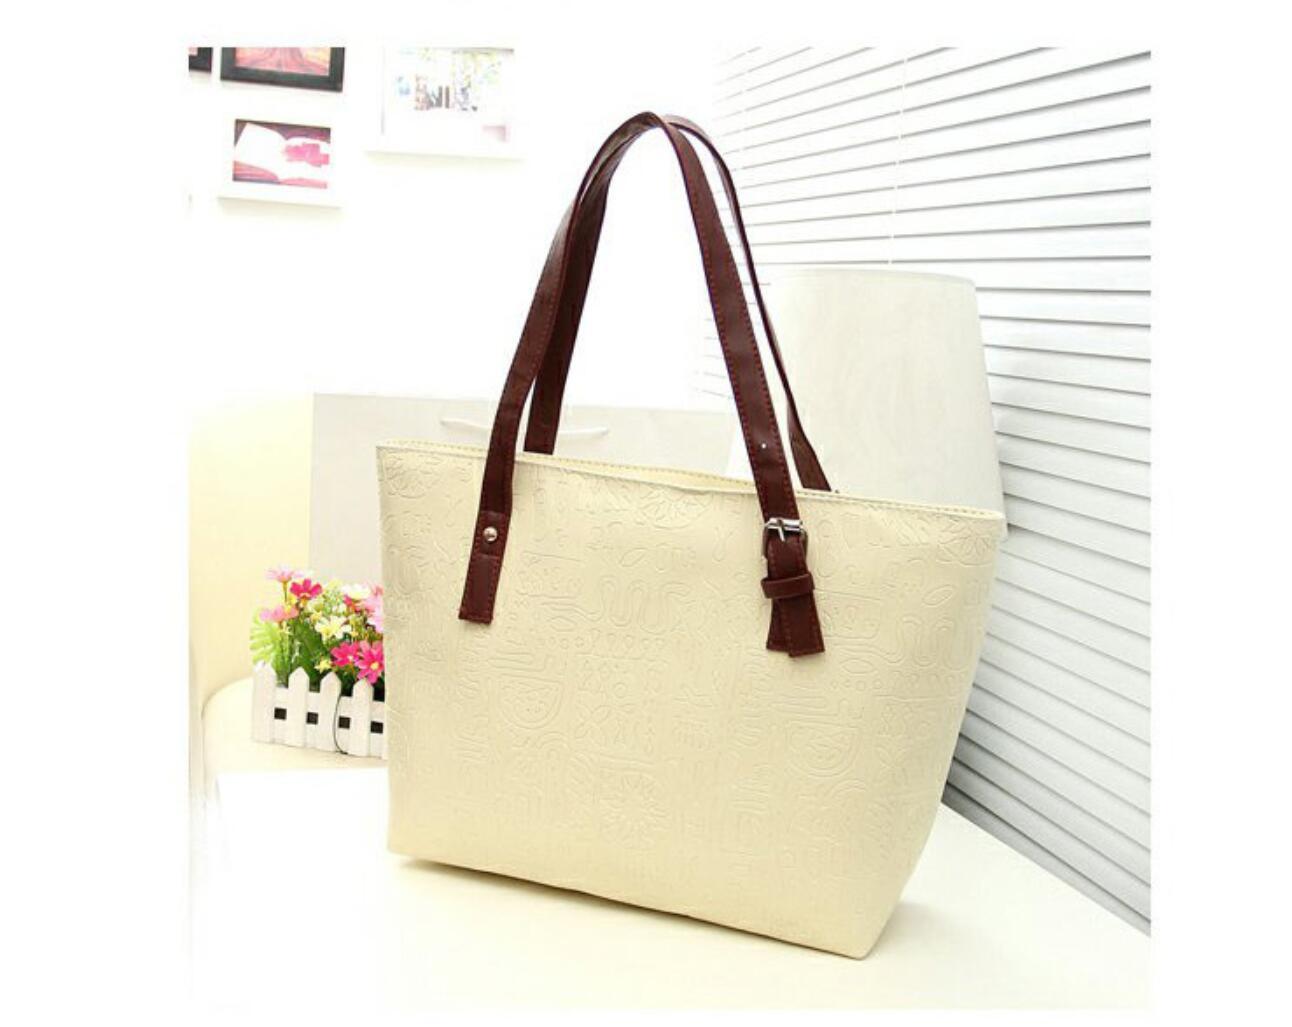 AMOG New Oracle Women Bag Single Shoulder Bag Oracle Prints Tote Shoulder  Bag Fashion Female bag 1f314d78c3